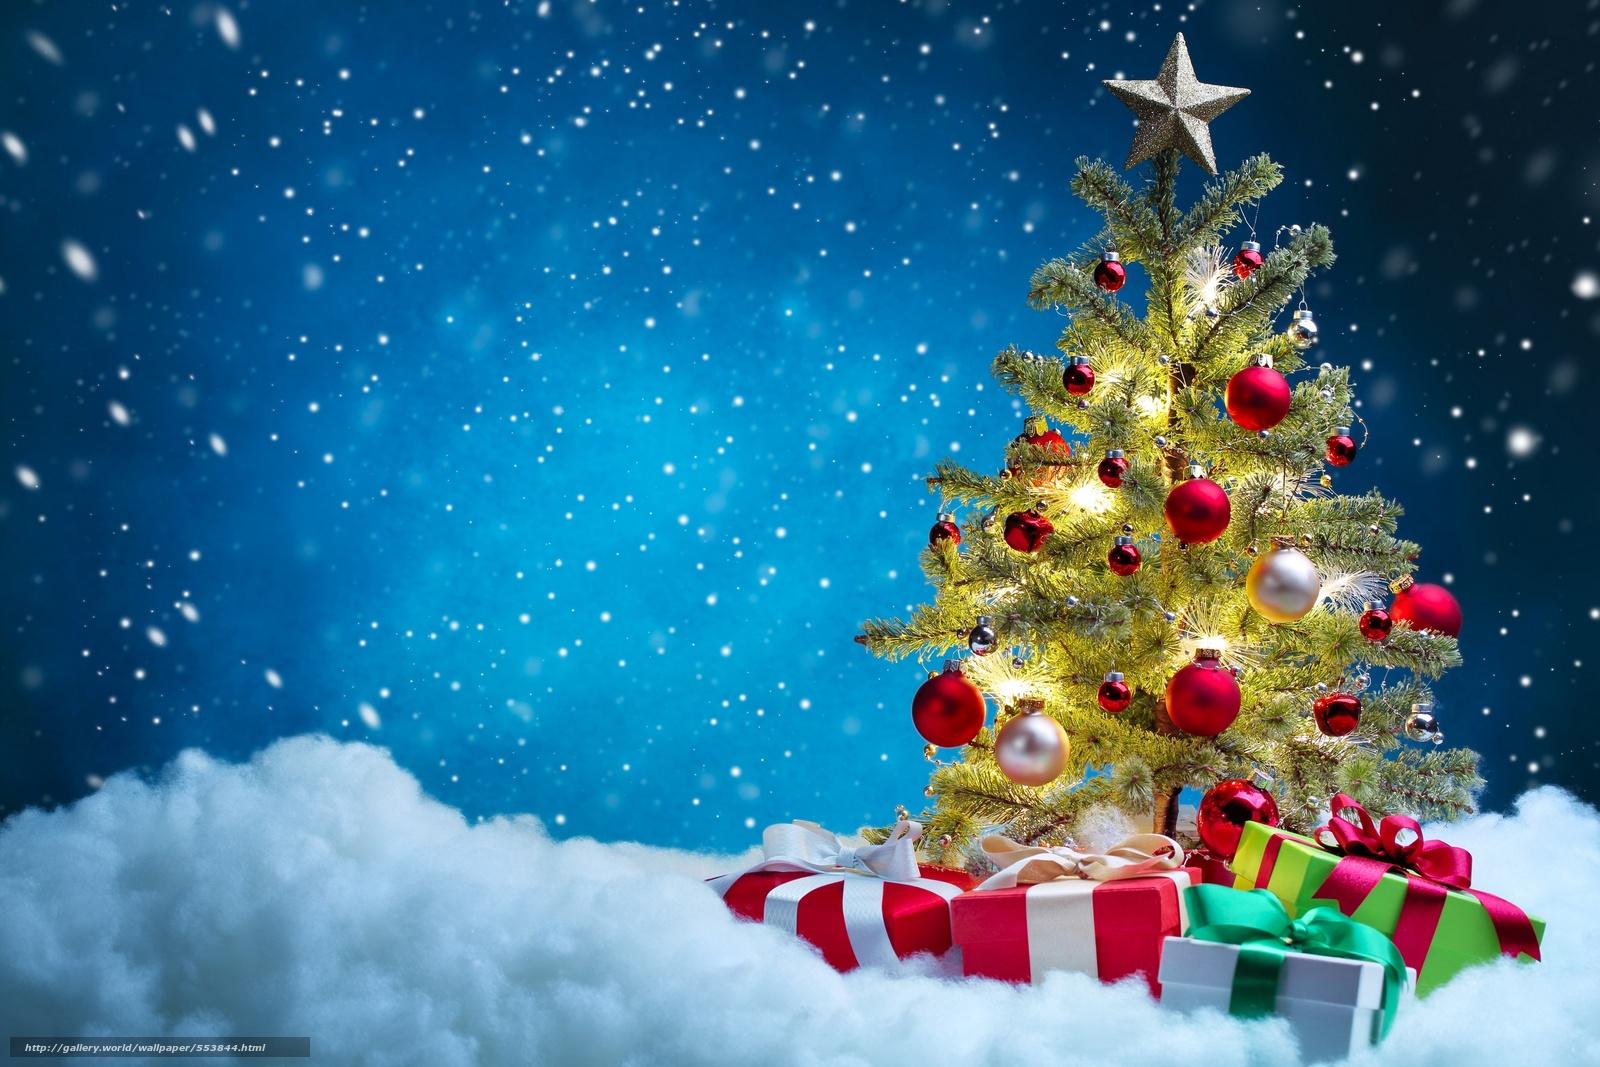 下载壁纸 枞树,  礼品,  箱,  球 免费为您的桌面分辨率的壁纸 4000x2667 — 图片 №553844